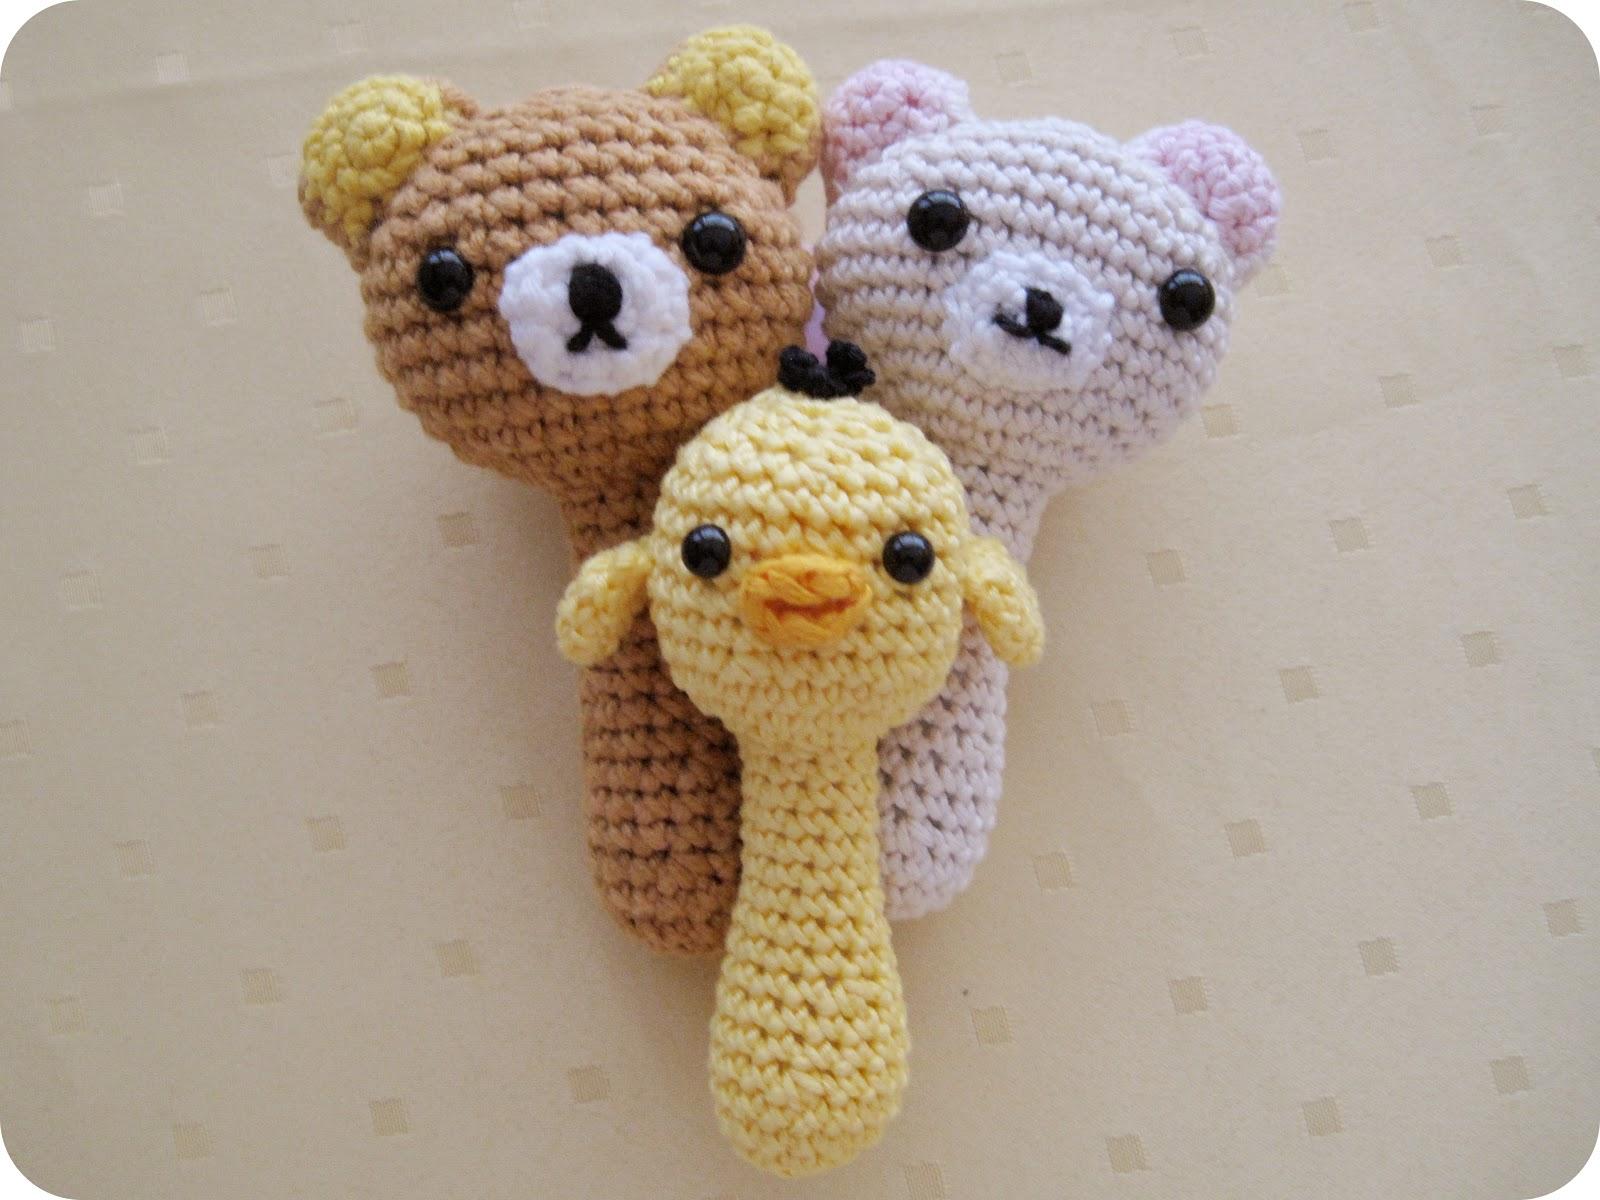 Diy Free Crochet Pattern For Baby Rattles : Baby Rattles: Rilakkuma, Korilakkuma & Kiiroitori ...